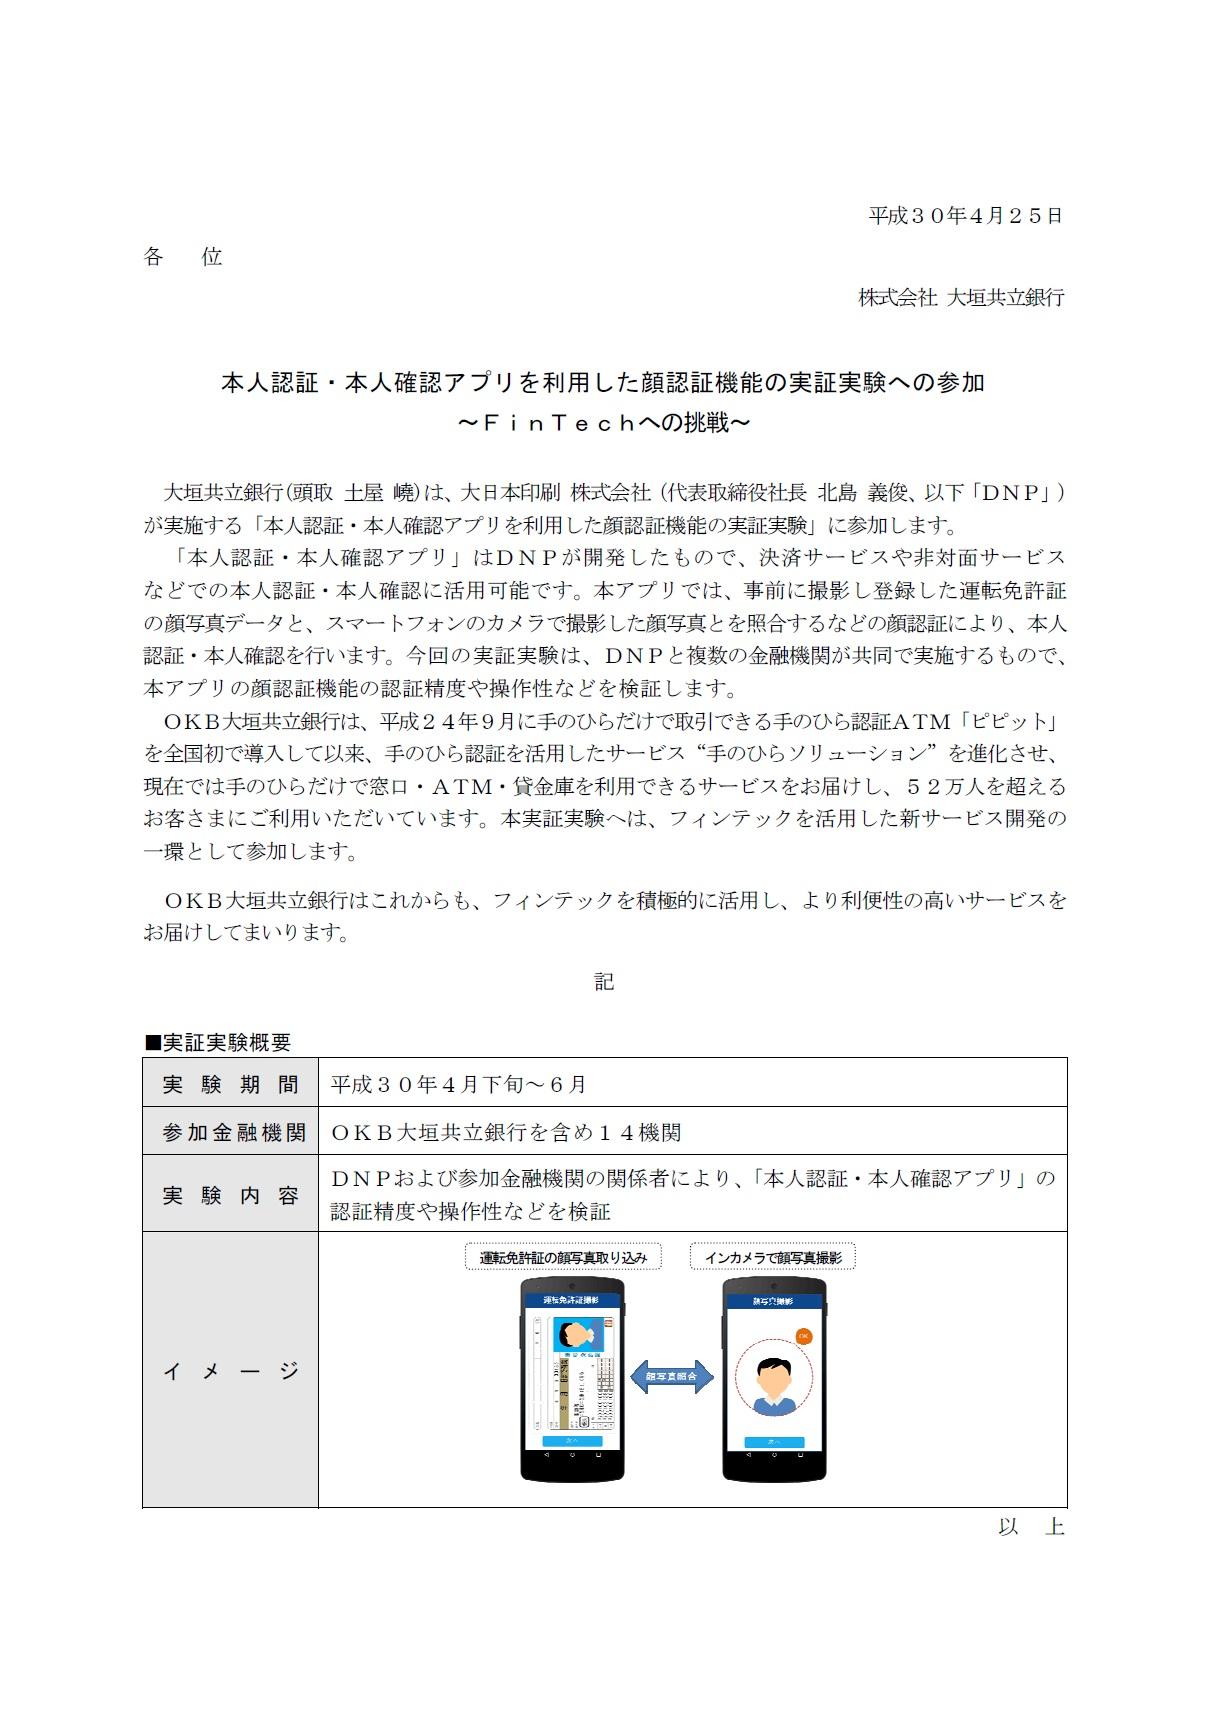 共立 銀行 アプリ 大垣